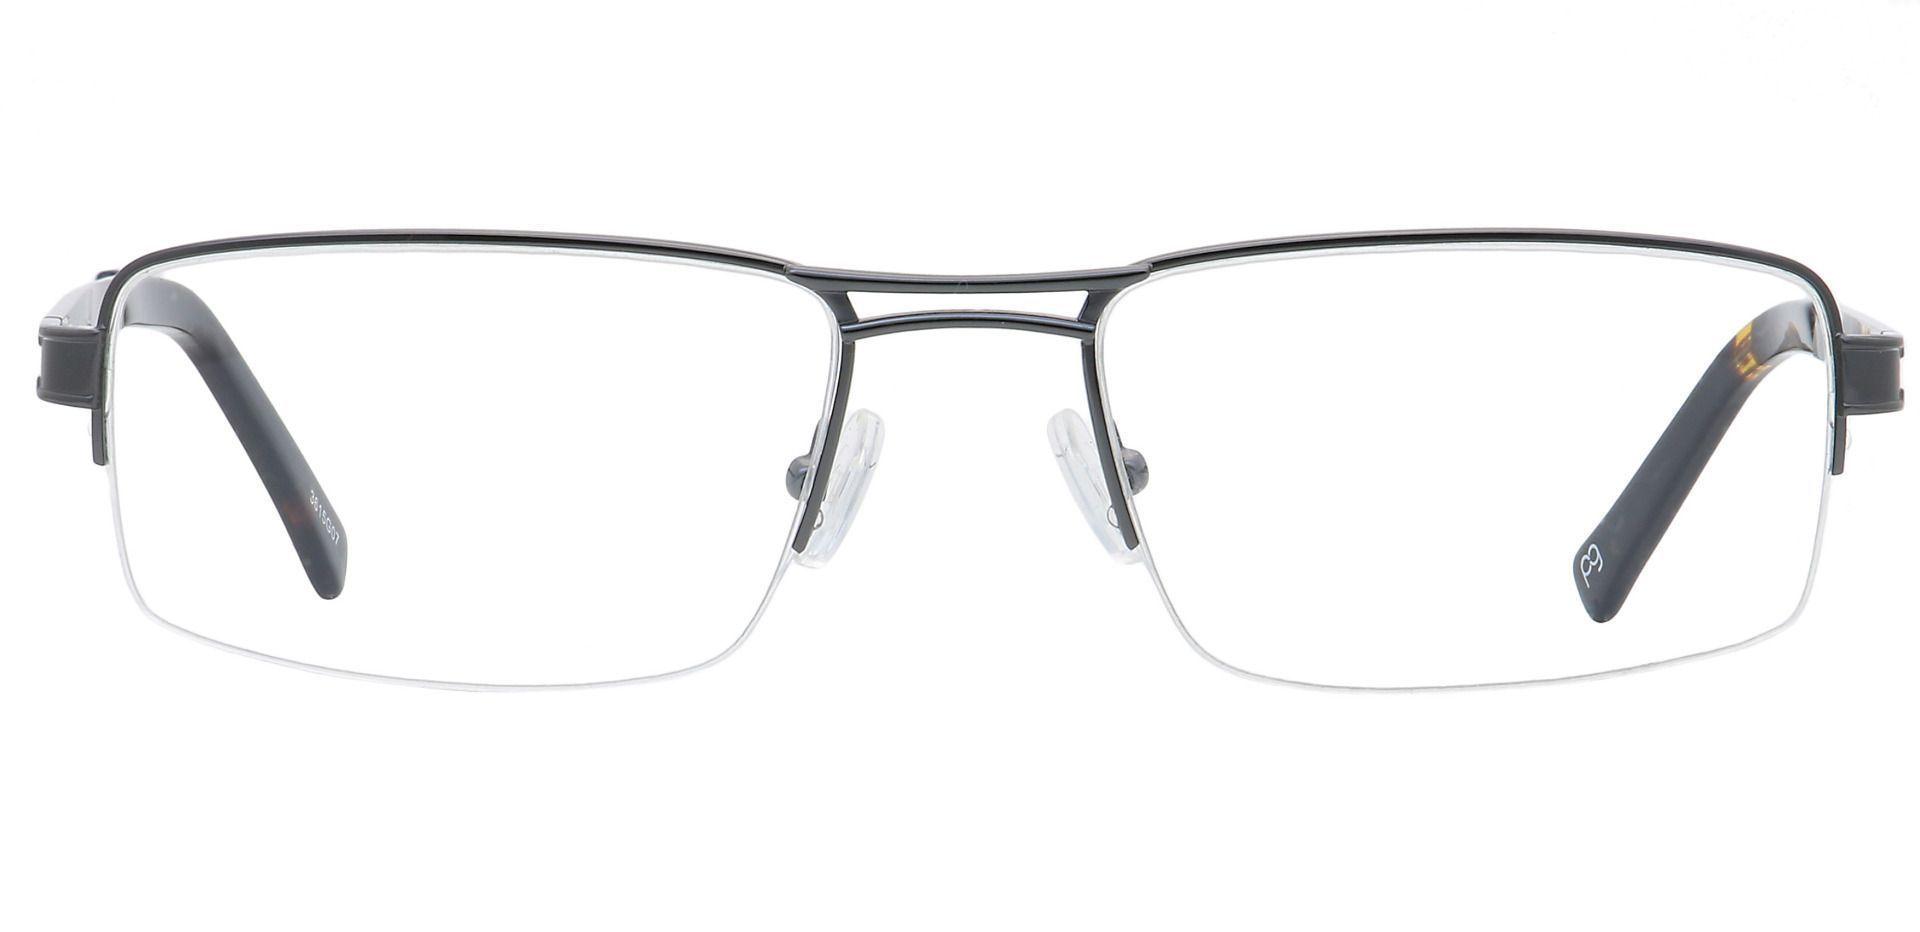 Winter Rectangle Prescription Glasses - Gray